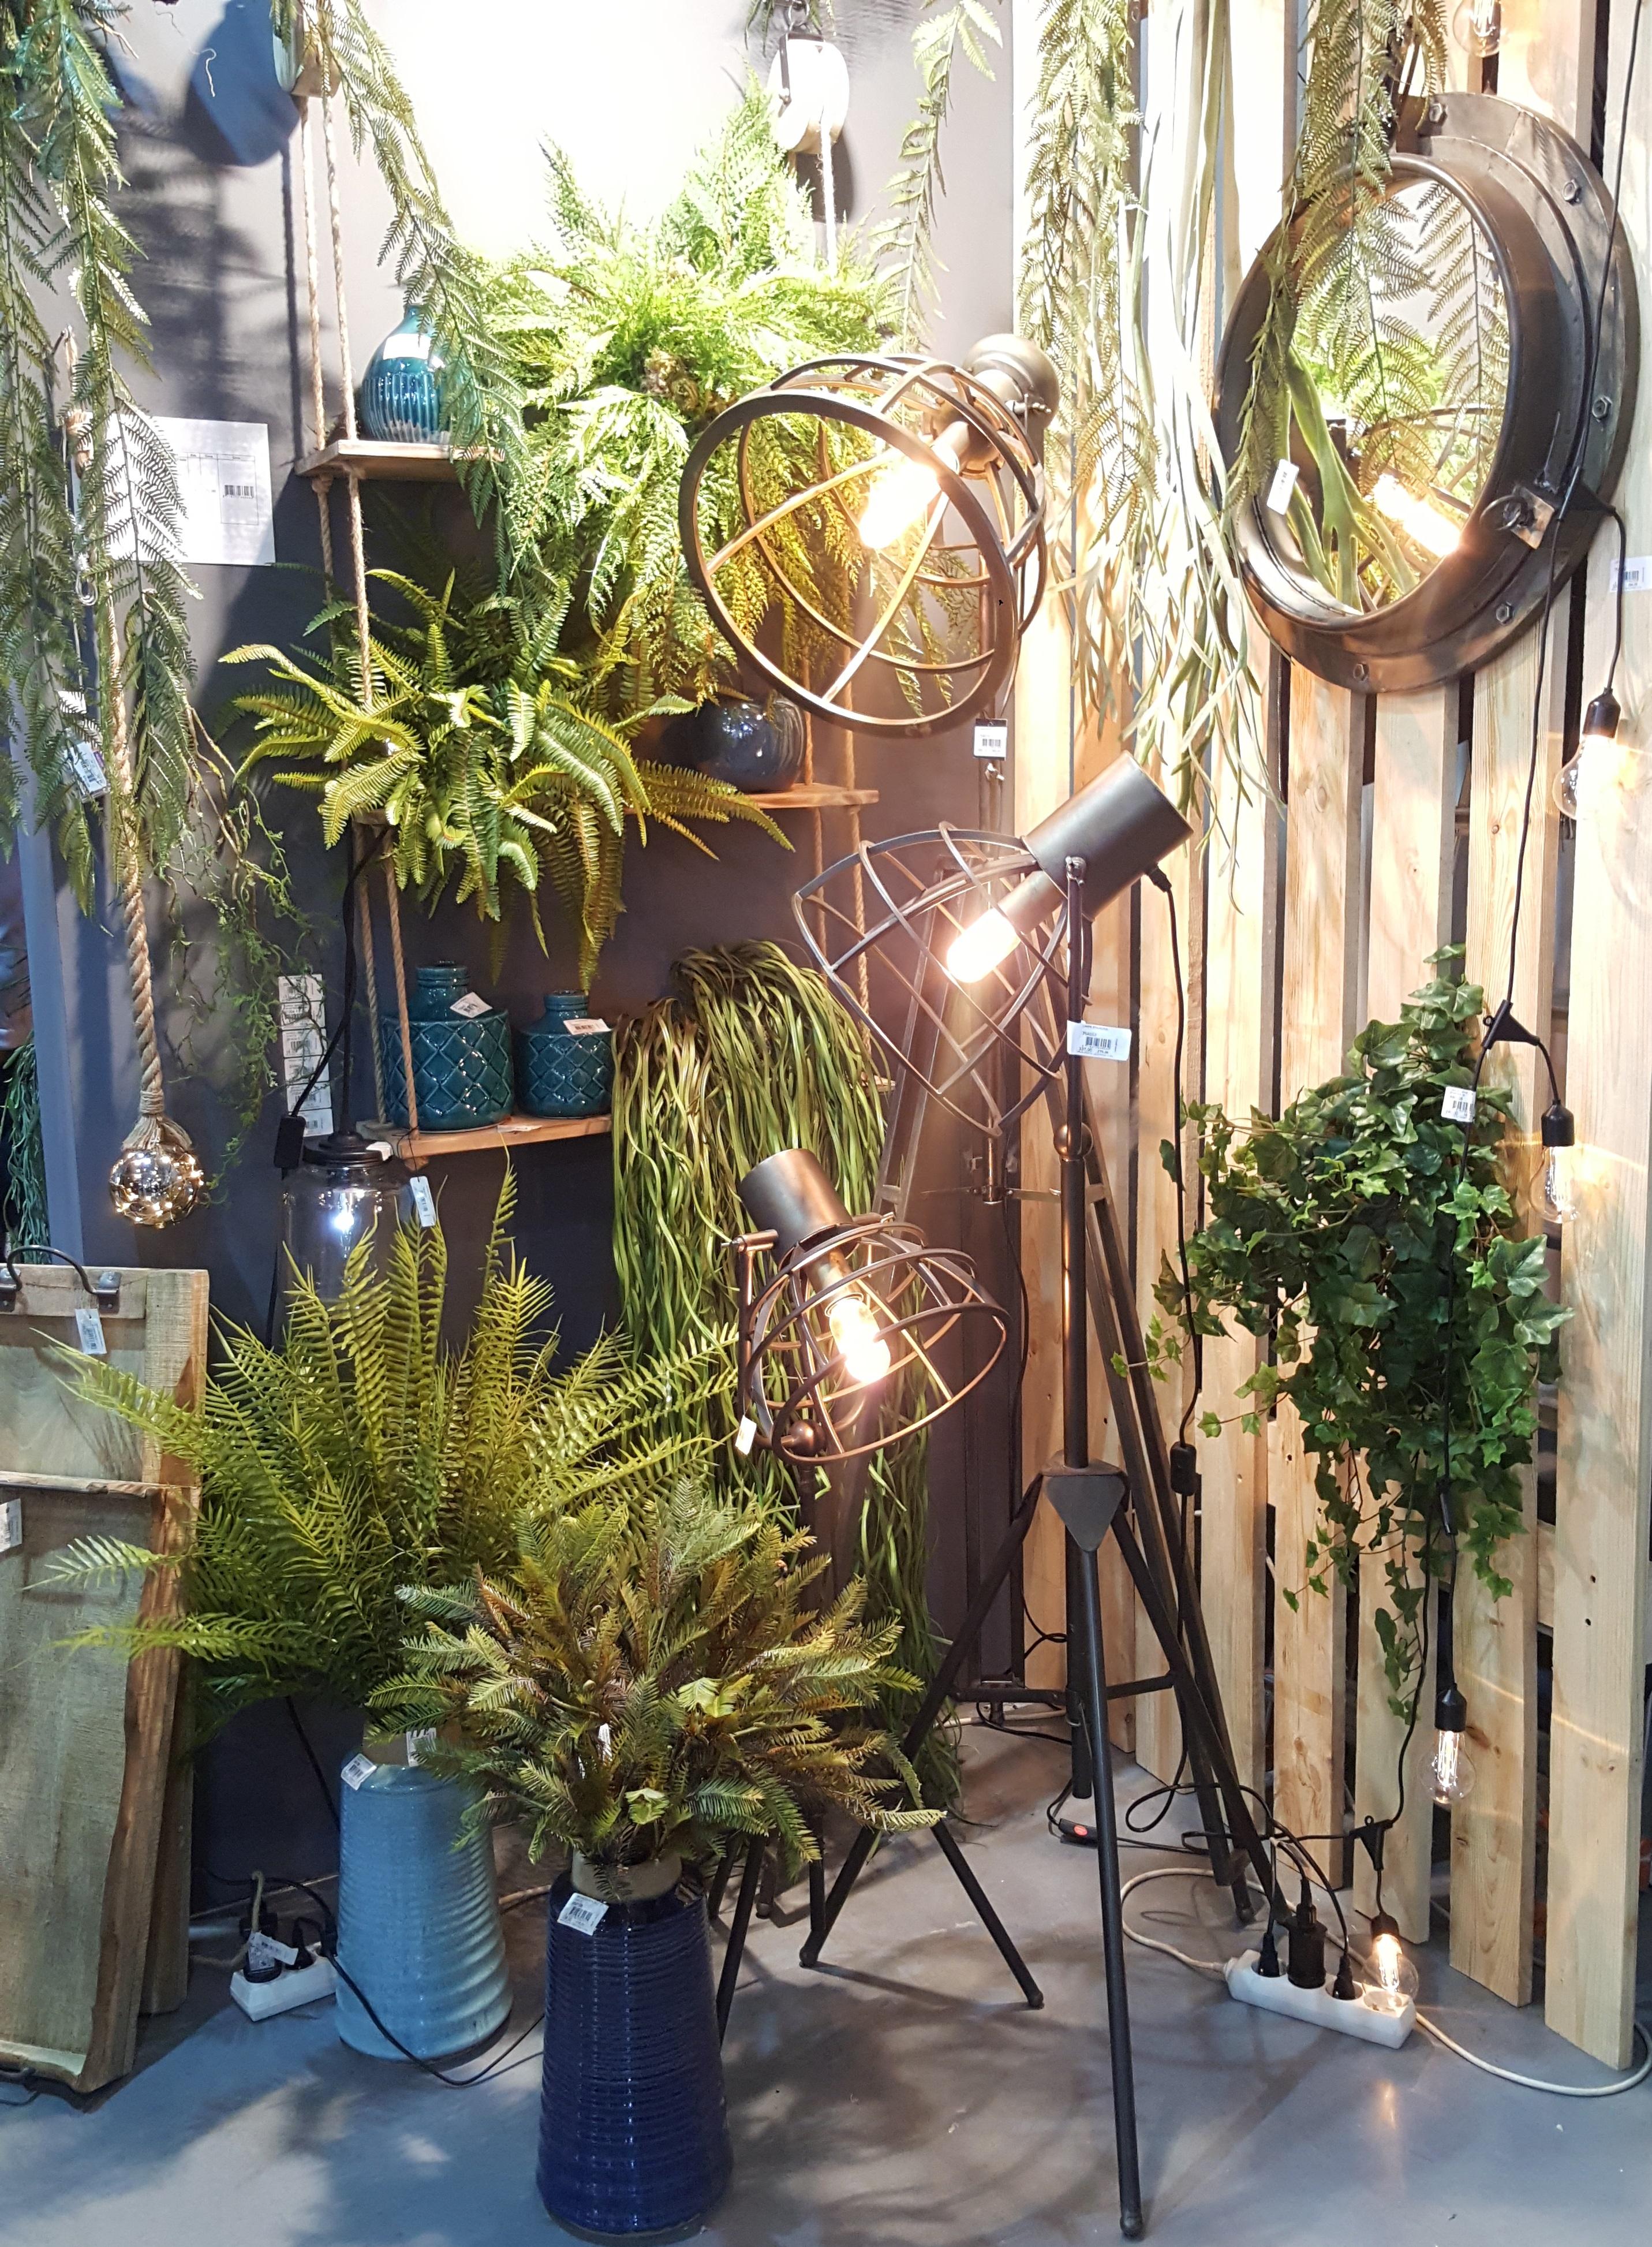 Kompozycja z roślin doniczkowych i lamp